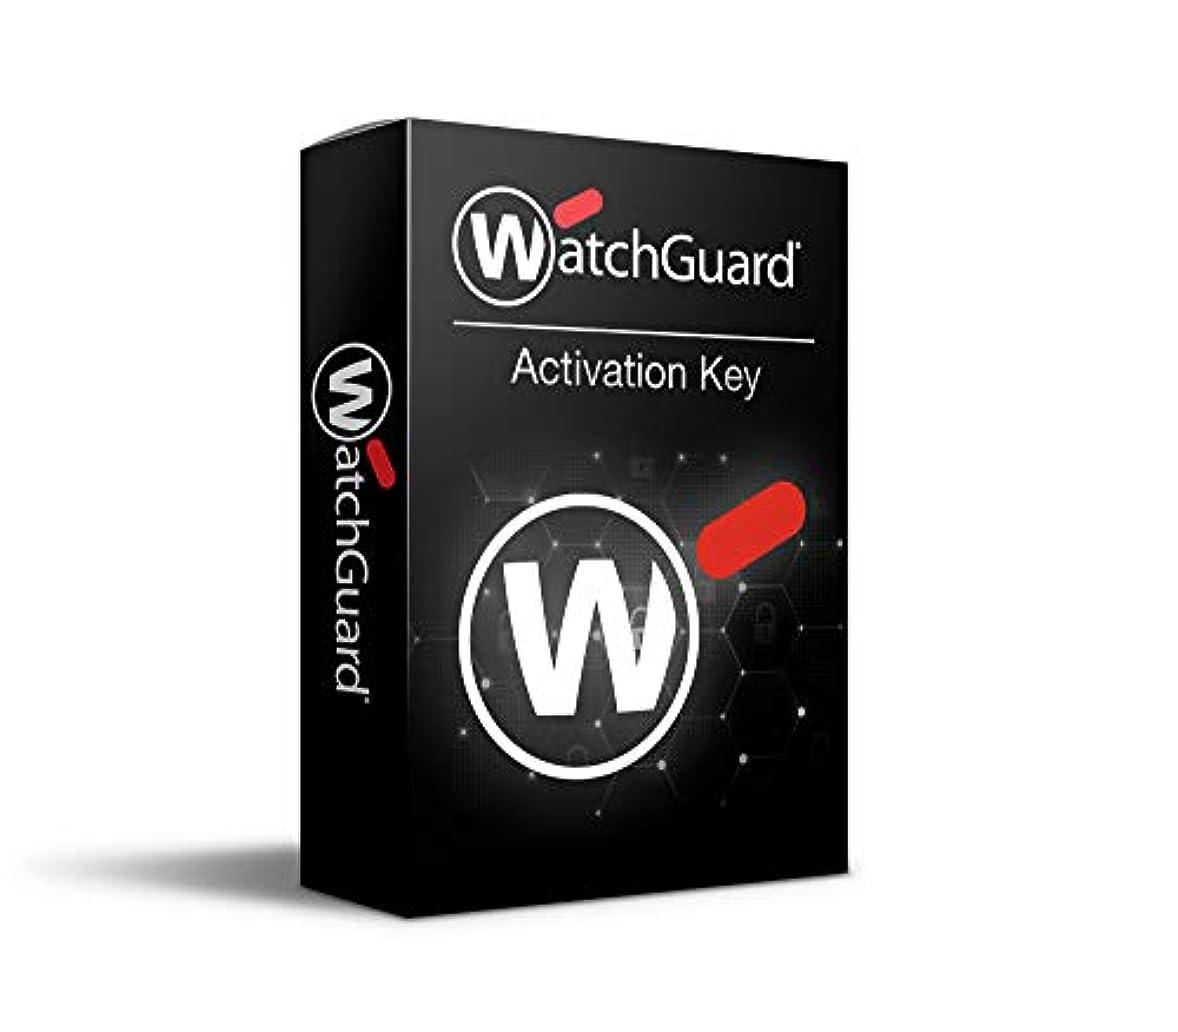 悲しみピルファーケープWatchGuard Gateway AntiVirus, 1Y, f/ WG XTM 870